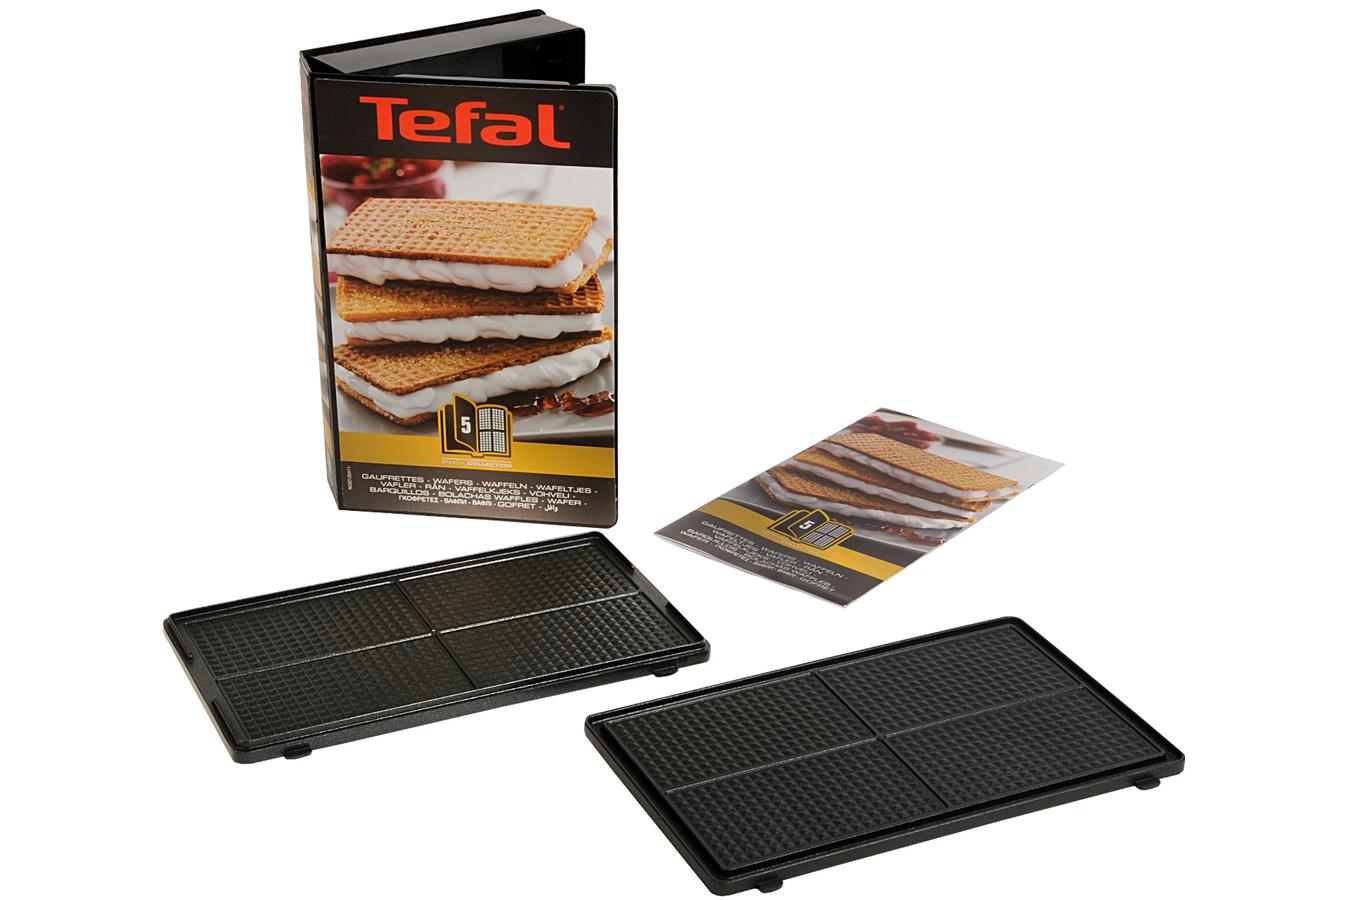 Accessoire de cuisine cuisson tefal coffret gaufrette for Appareil cuisson tefal